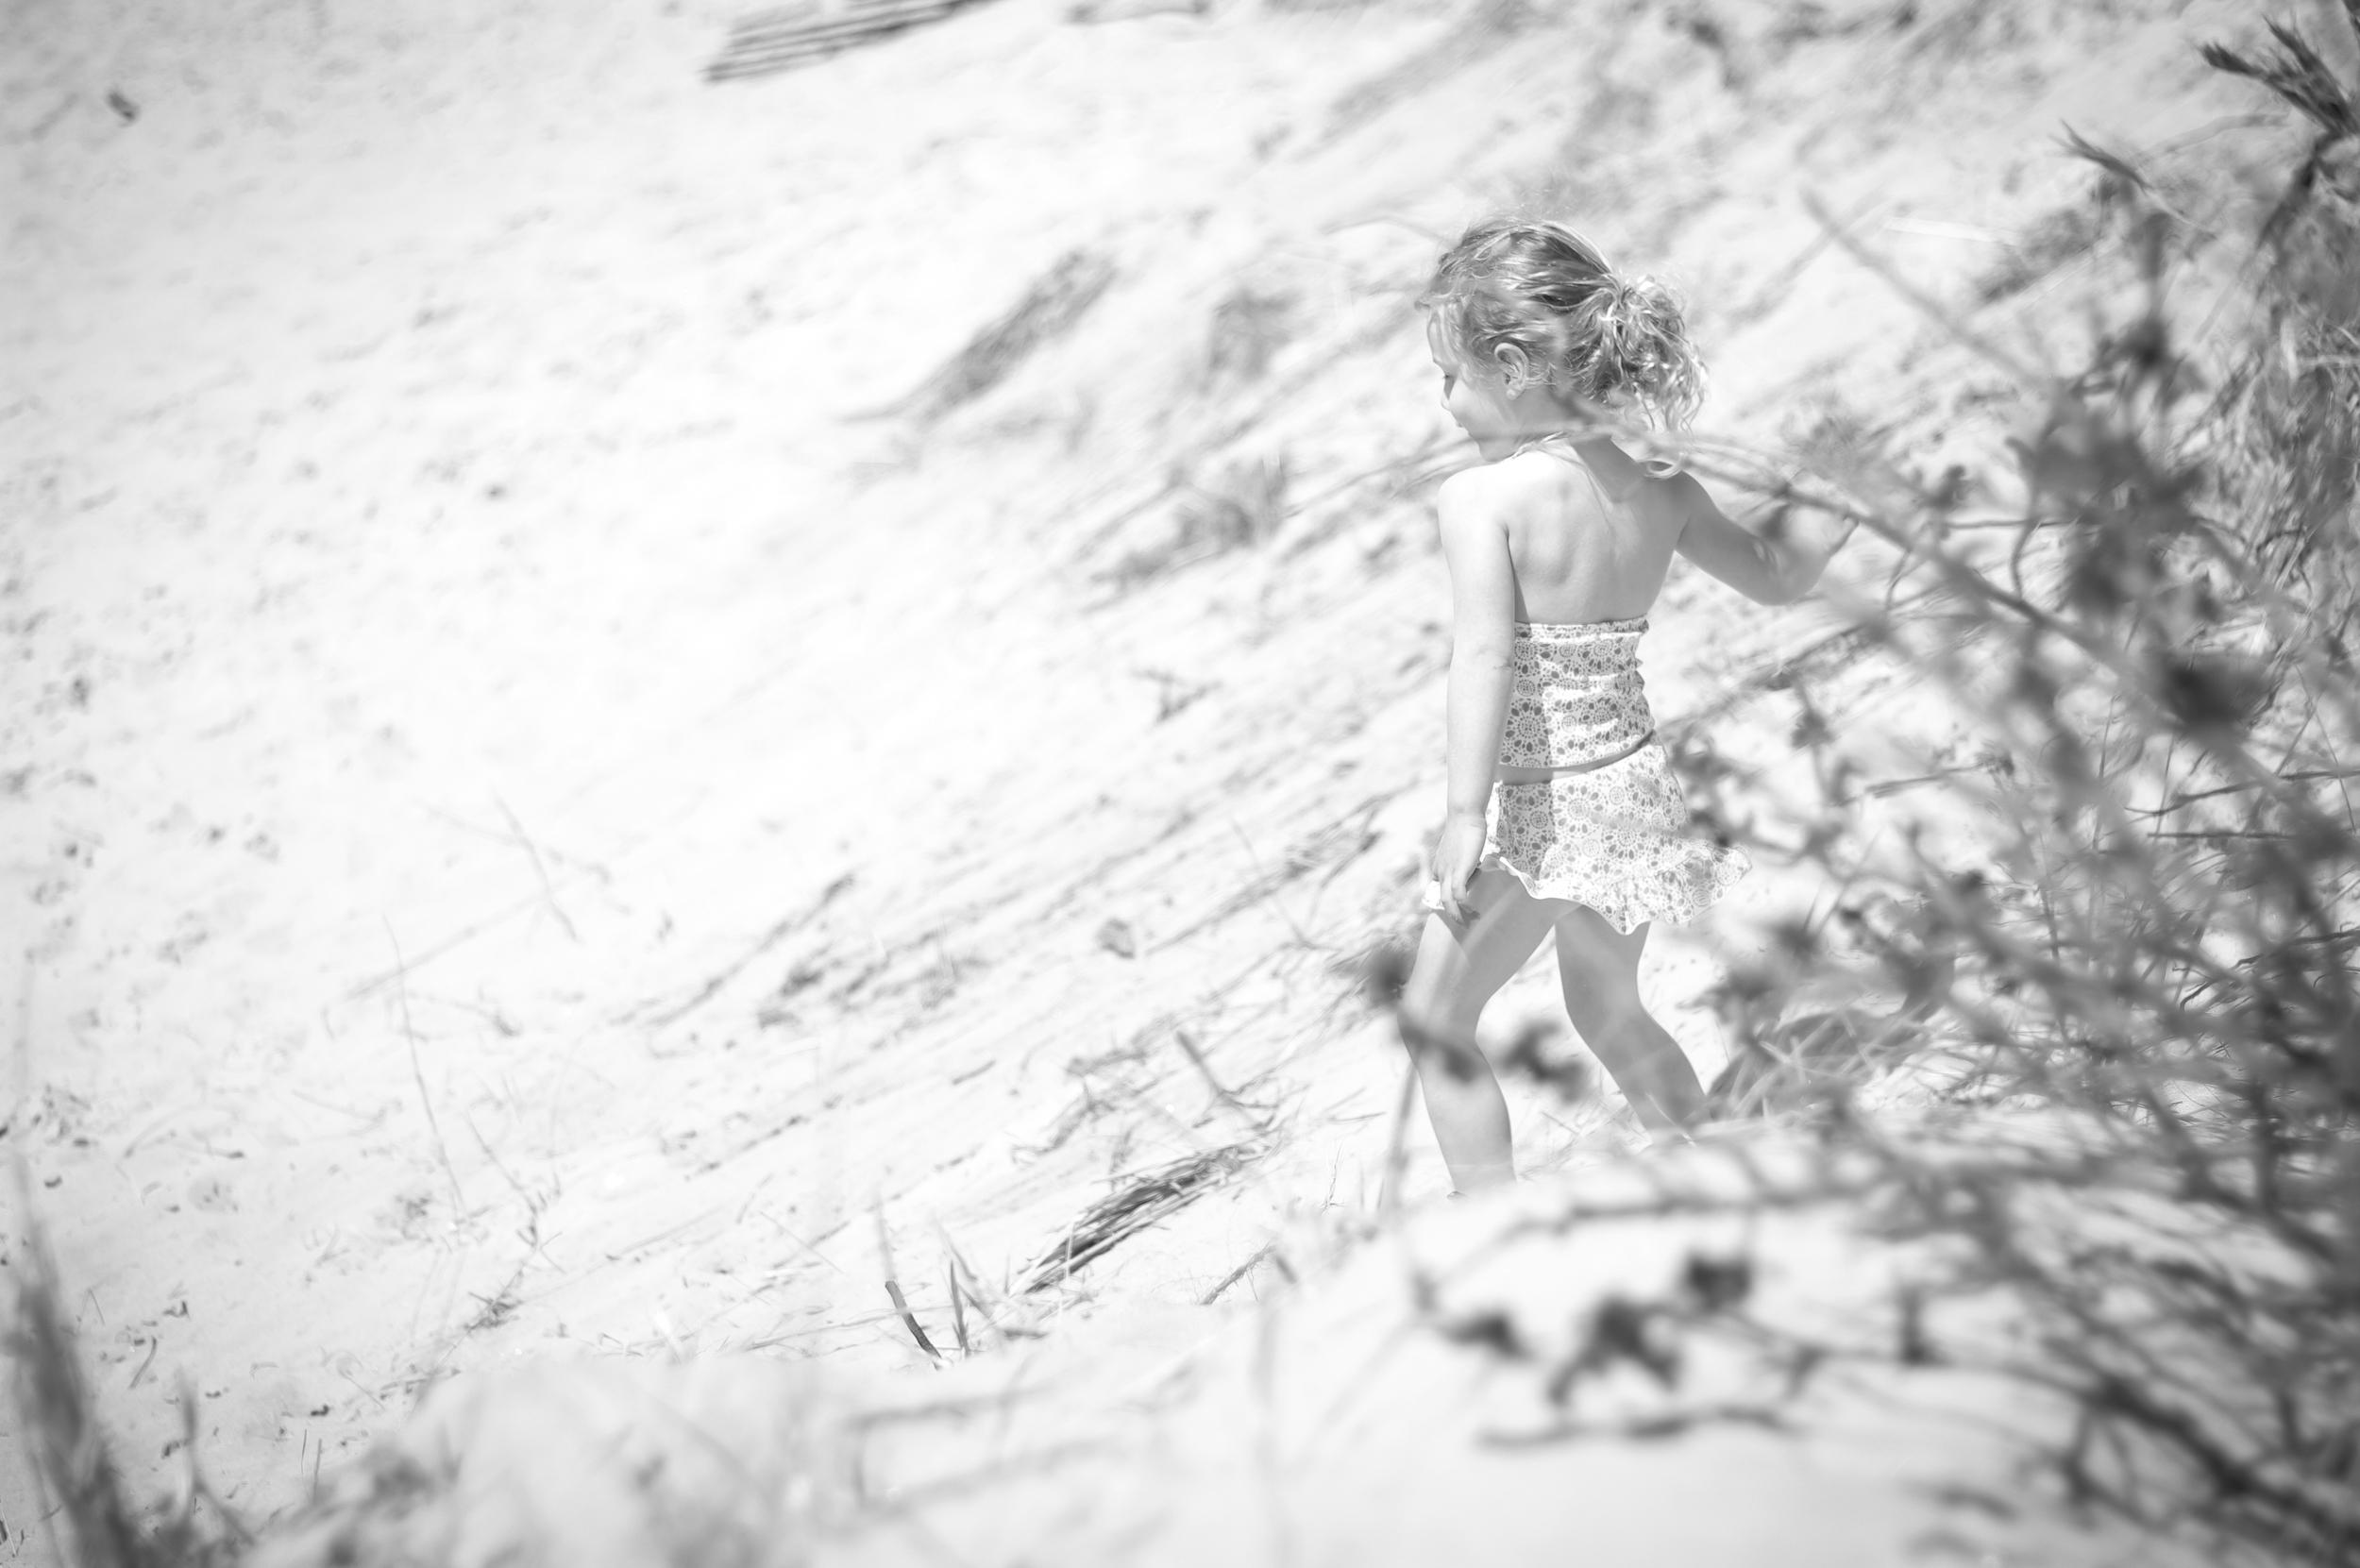 beachday-300dpi-1288